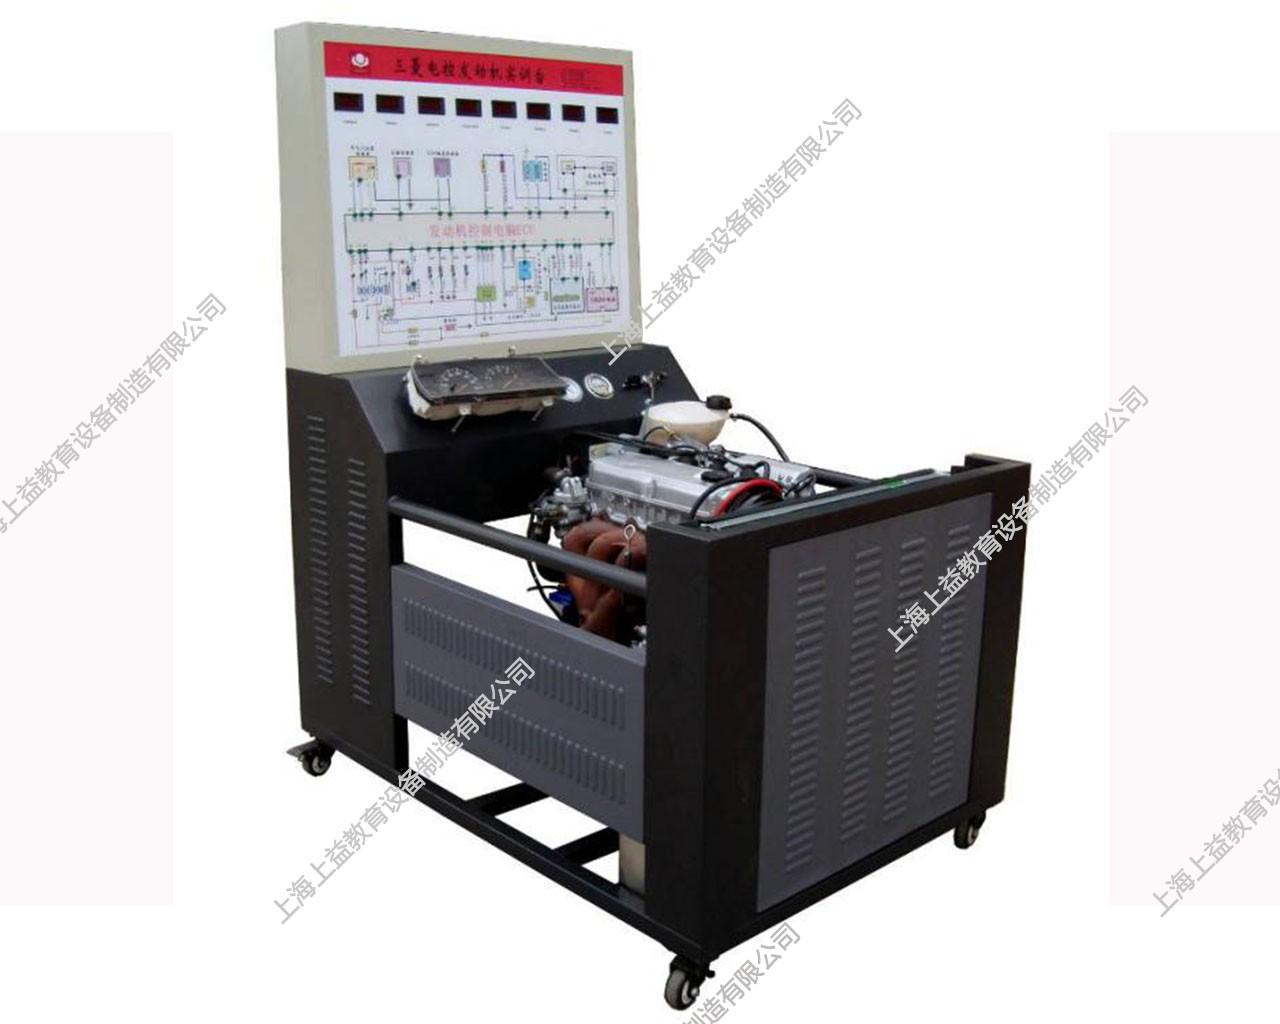 电控汽油发动机运行wwwlehu8vip台(三菱4G64)